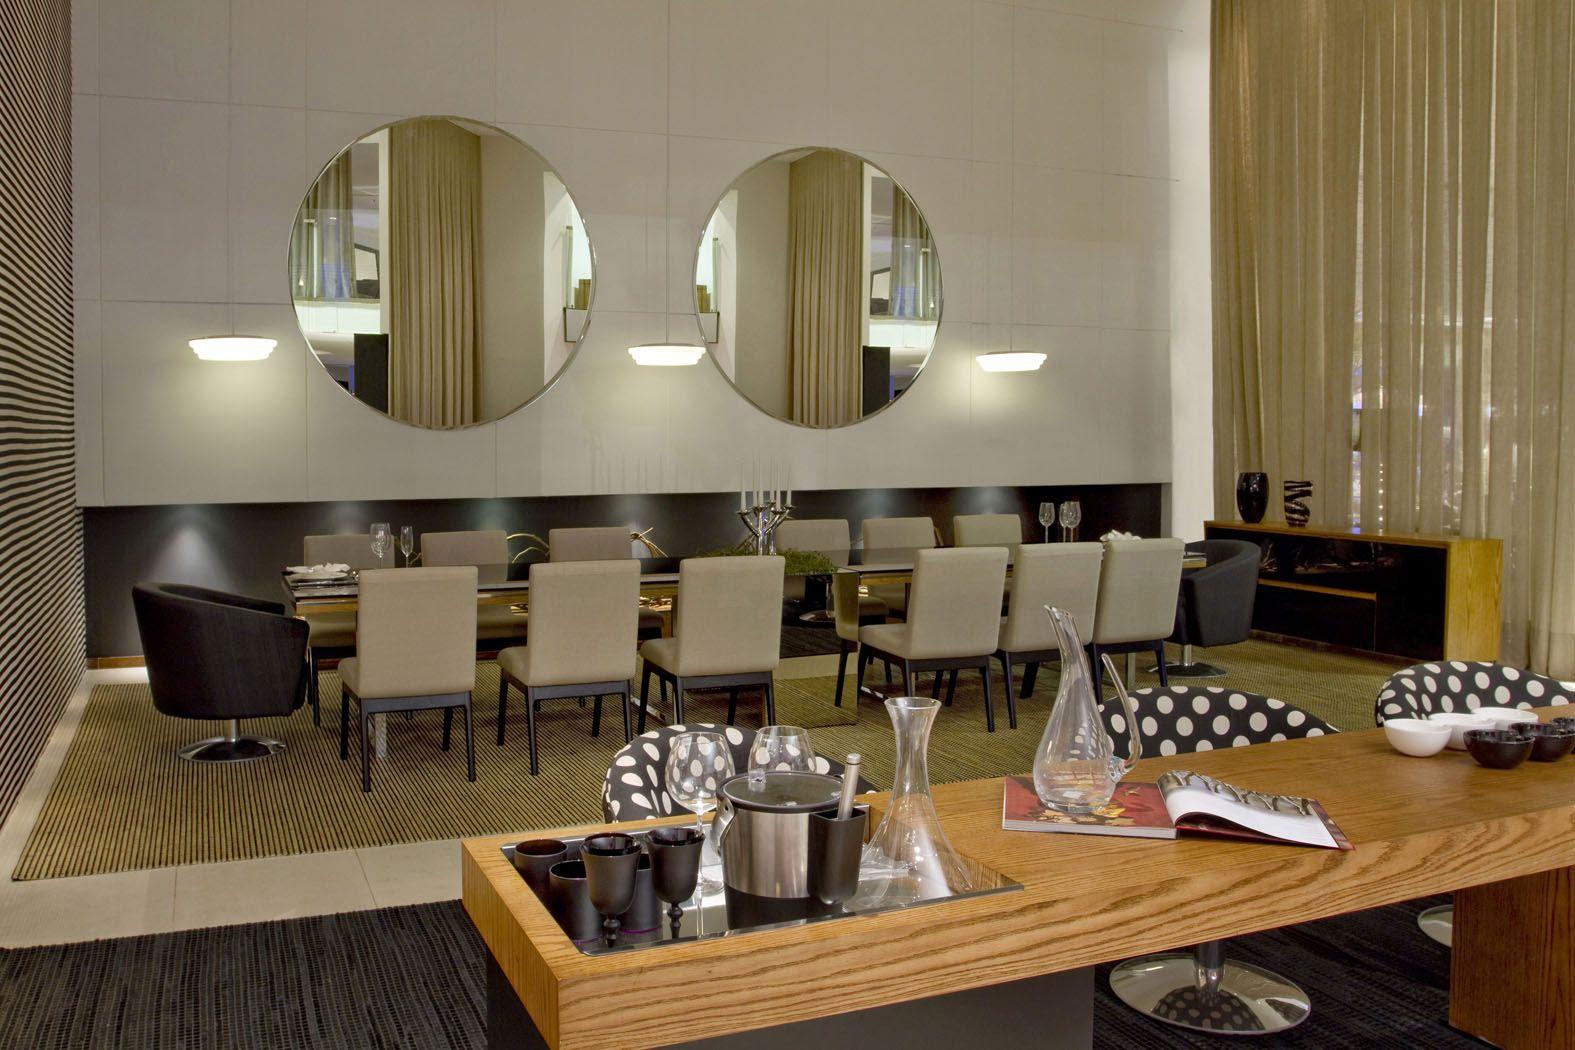 Lindo Espelho Decorativo, diversos tamanhos e modelos, confira. Loja ...